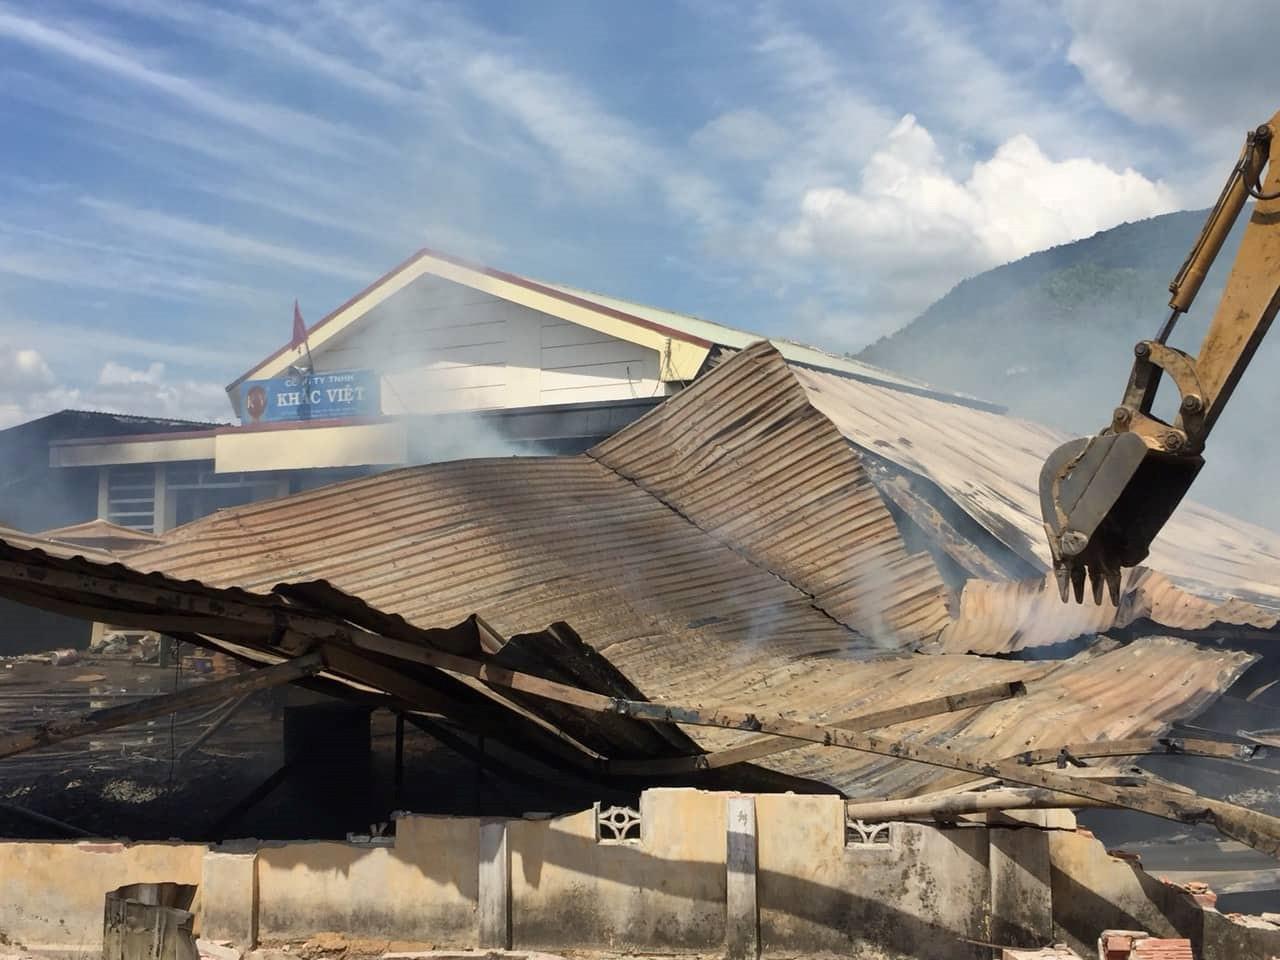 Hỏa hoạn ở xưởng chế biến gỗ, nhiều tài sản bị thiêu rụi Ảnh 1